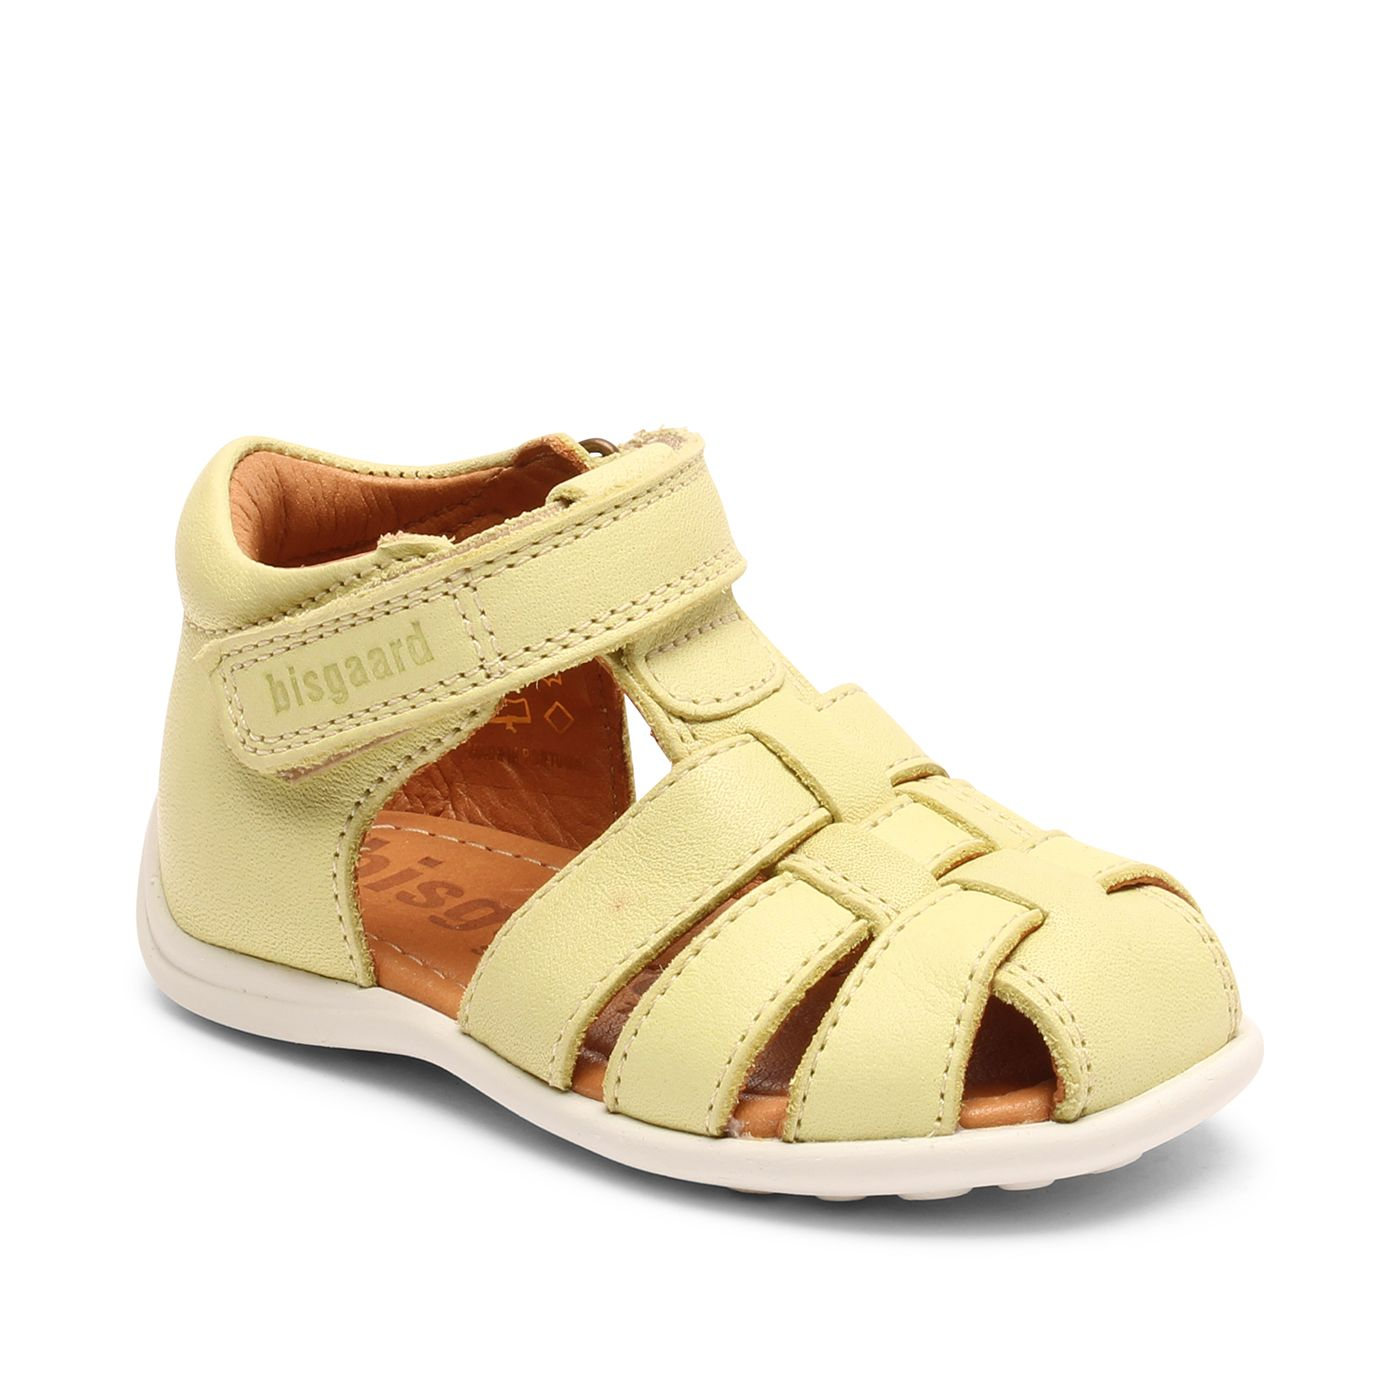 Bisgaard kožené sandály pro první krůčky 71255 - 2114